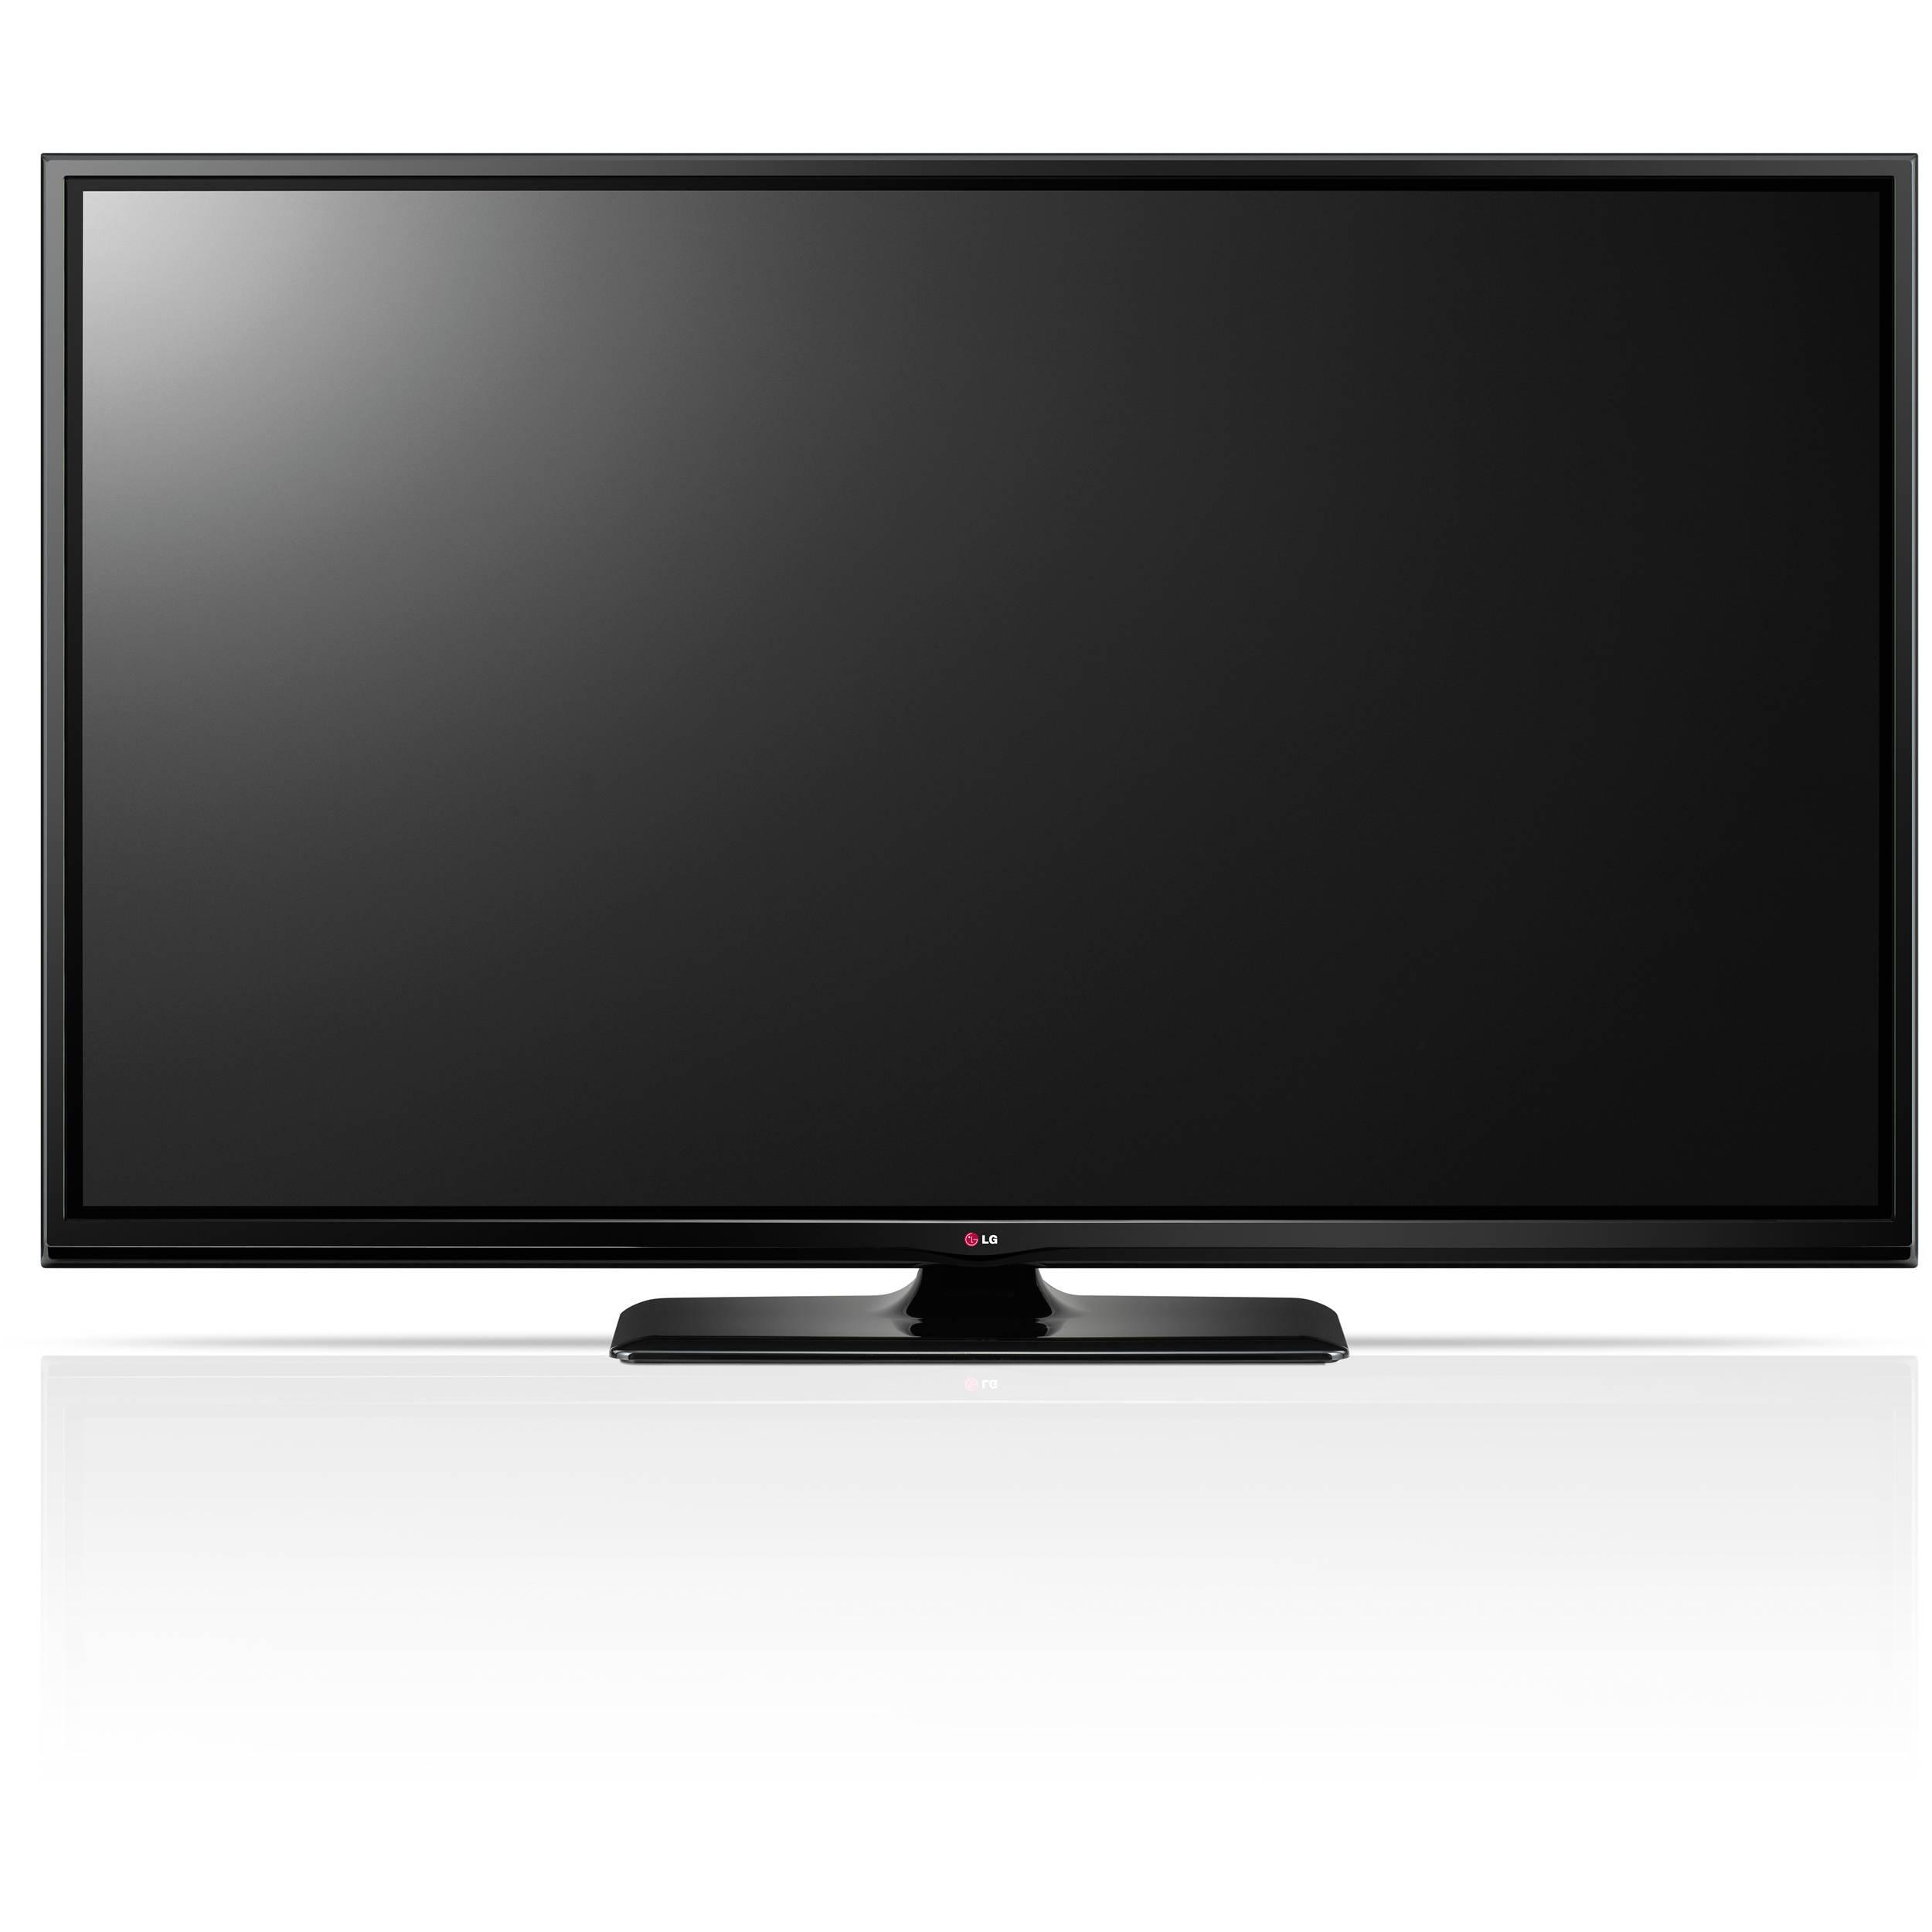 lg tv 60. lg 60pb6600 60\ lg tv 60